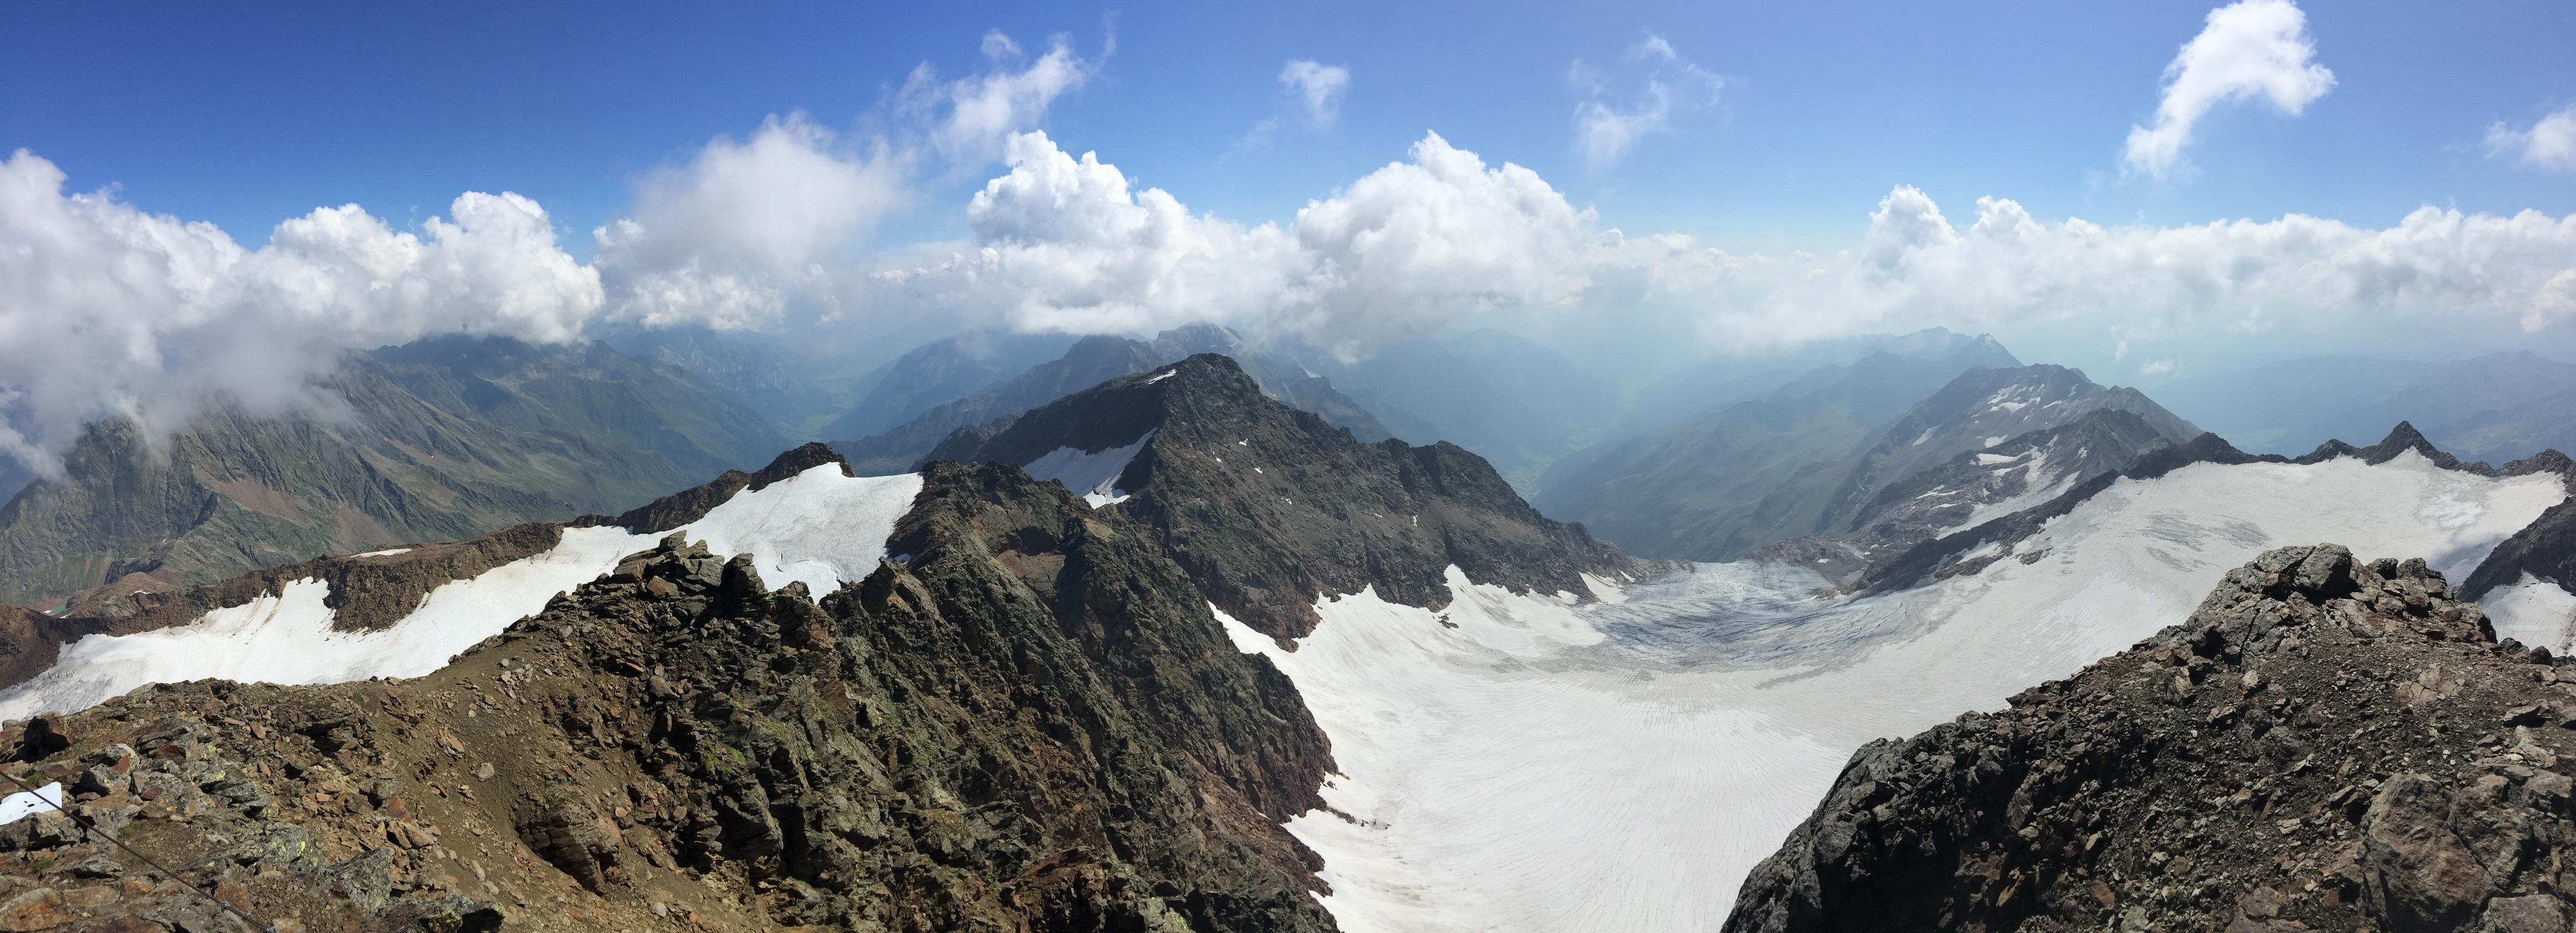 Blick zur Schneespitze